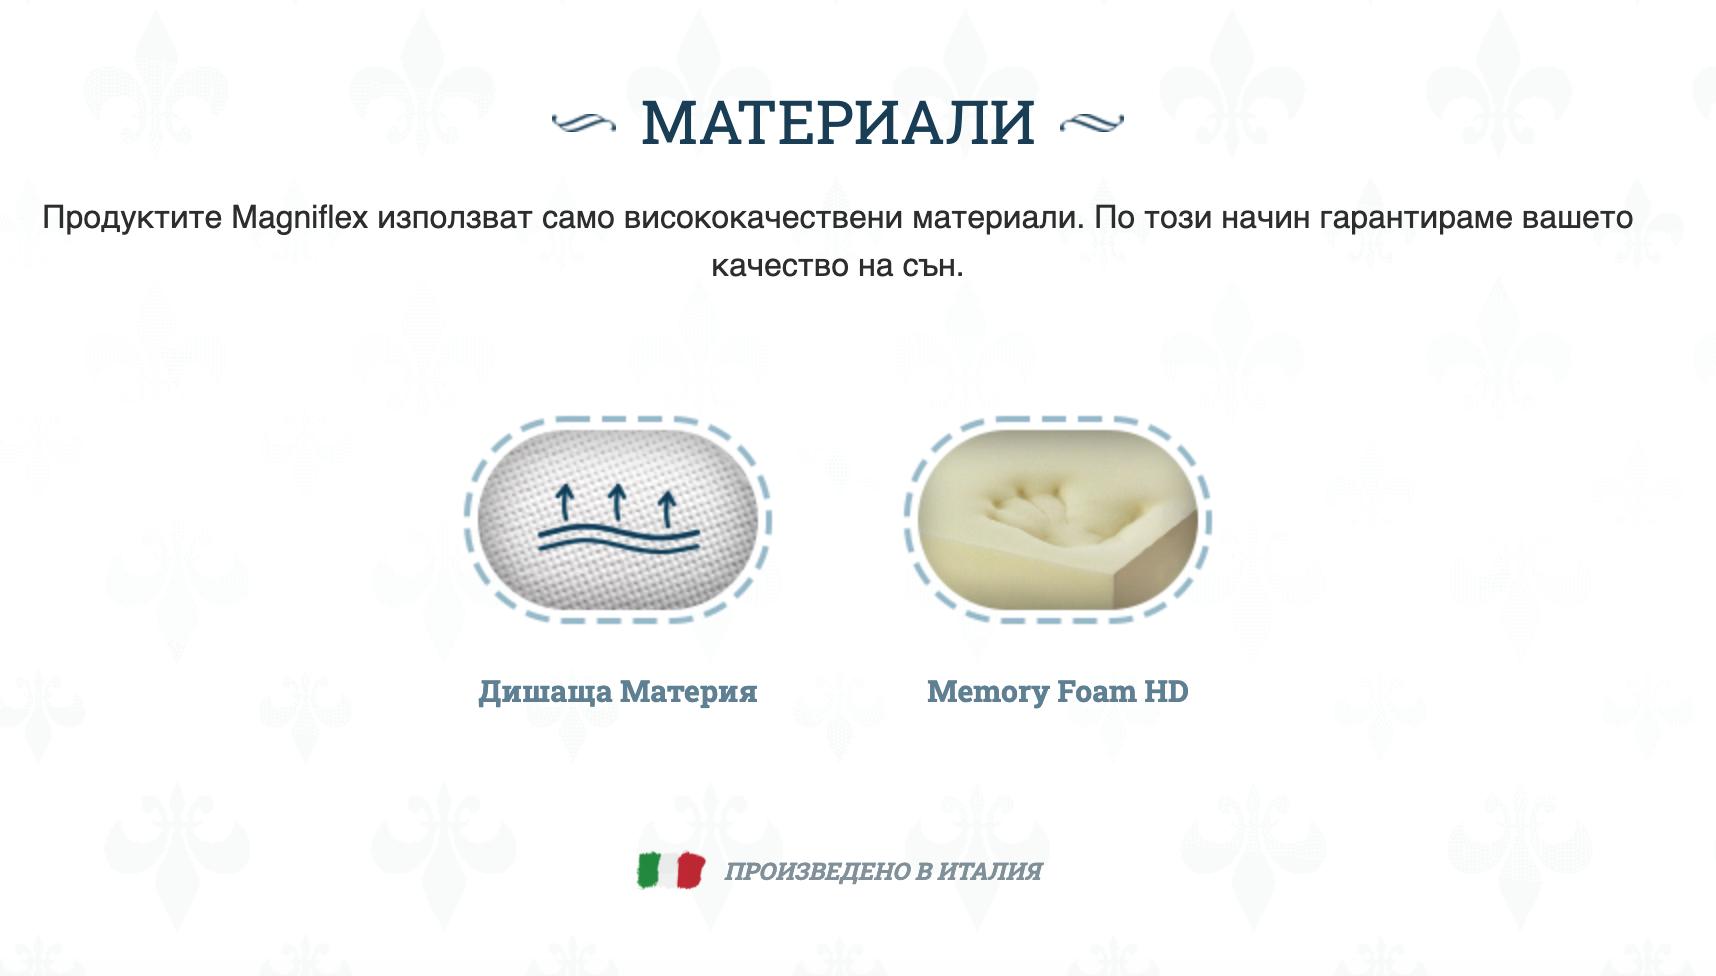 Матрак Magniflex Arte